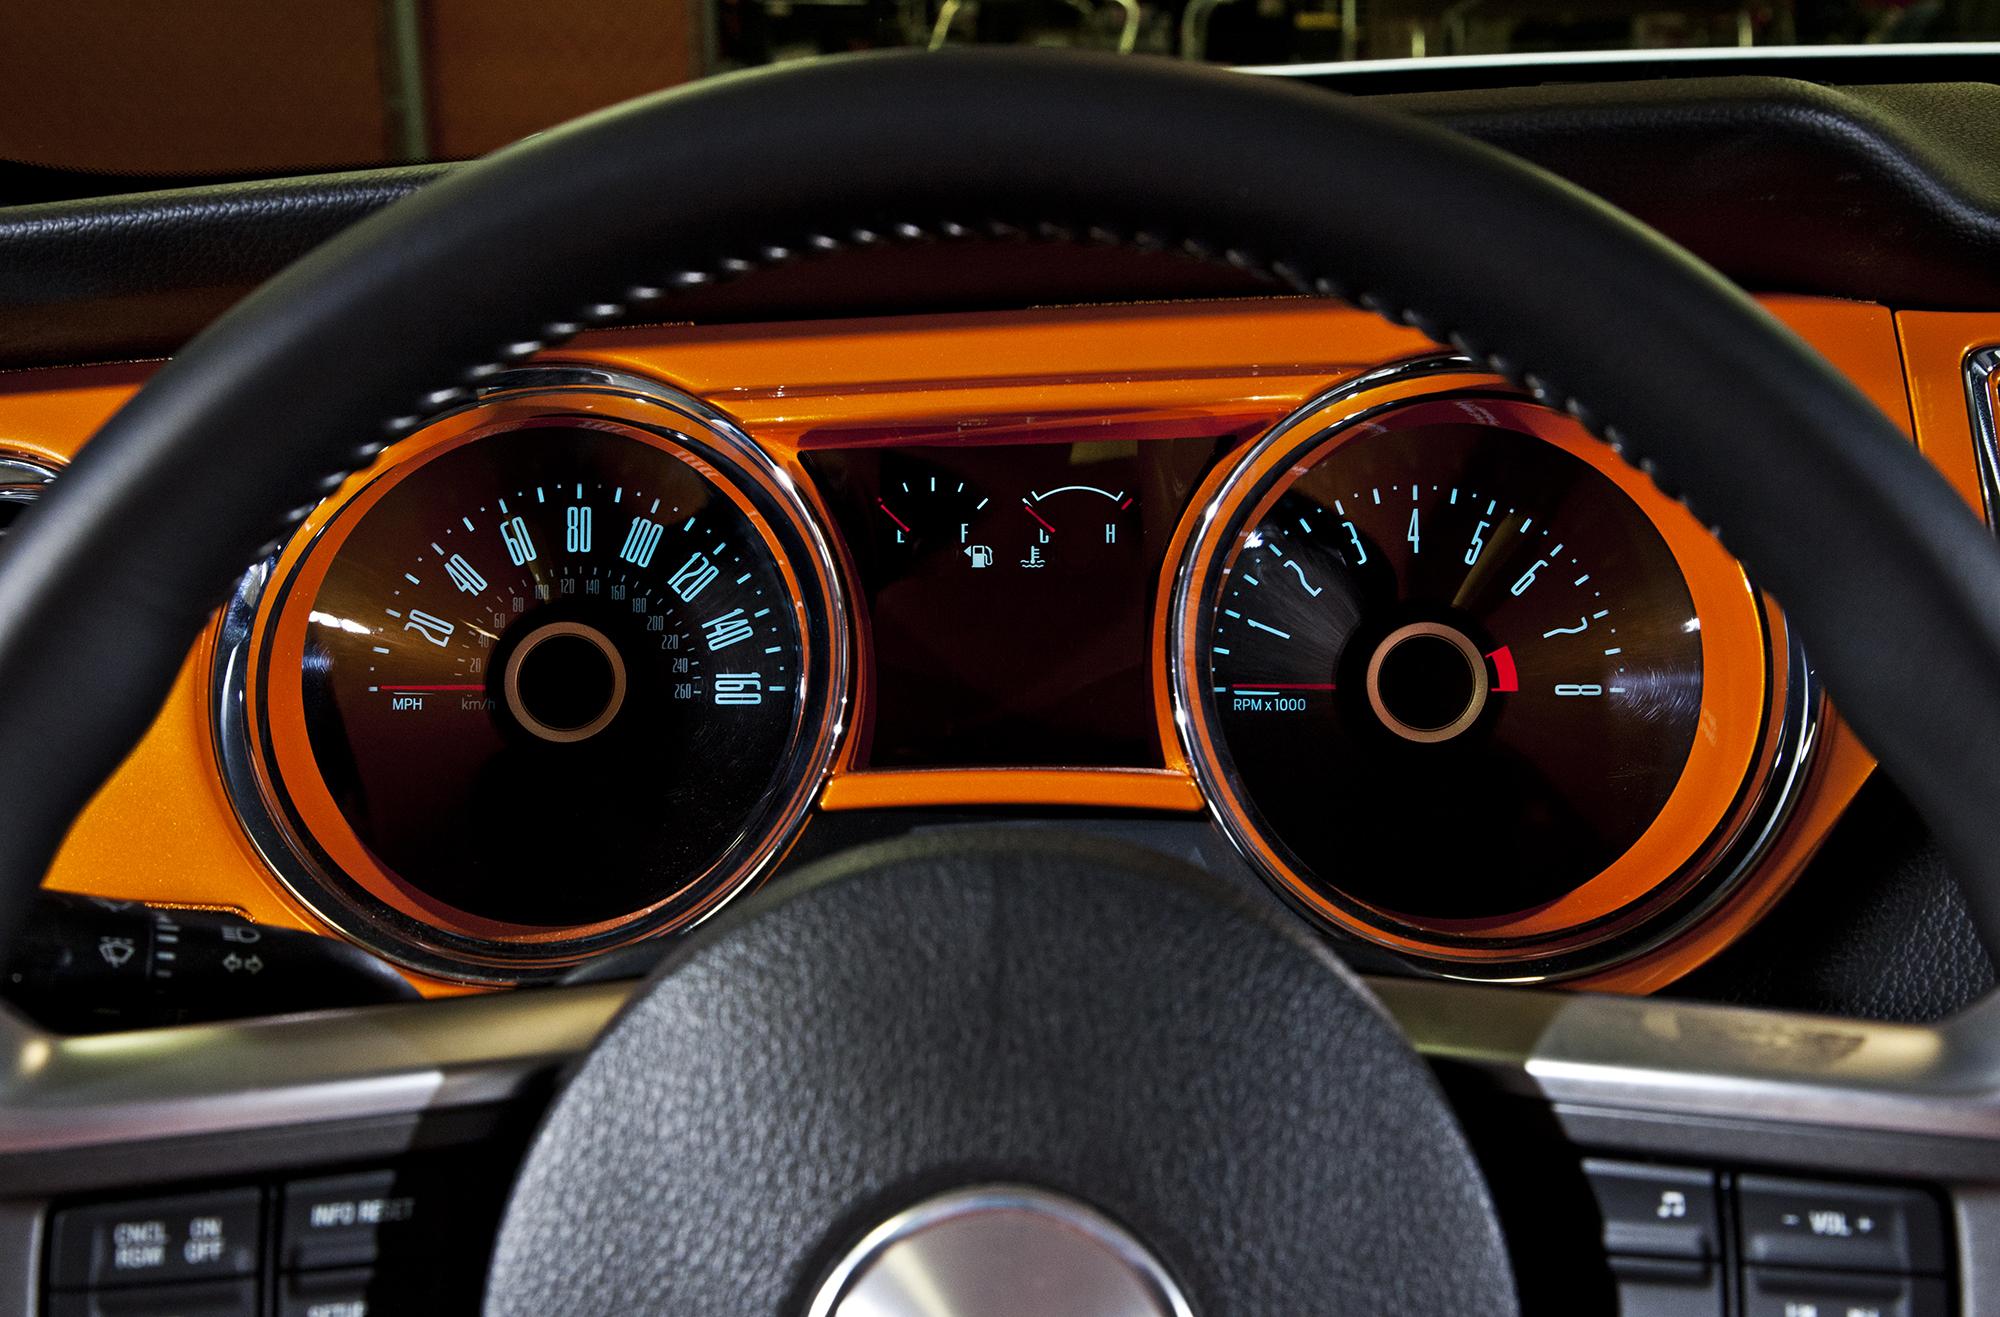 Bojix Mustang GT dash detail